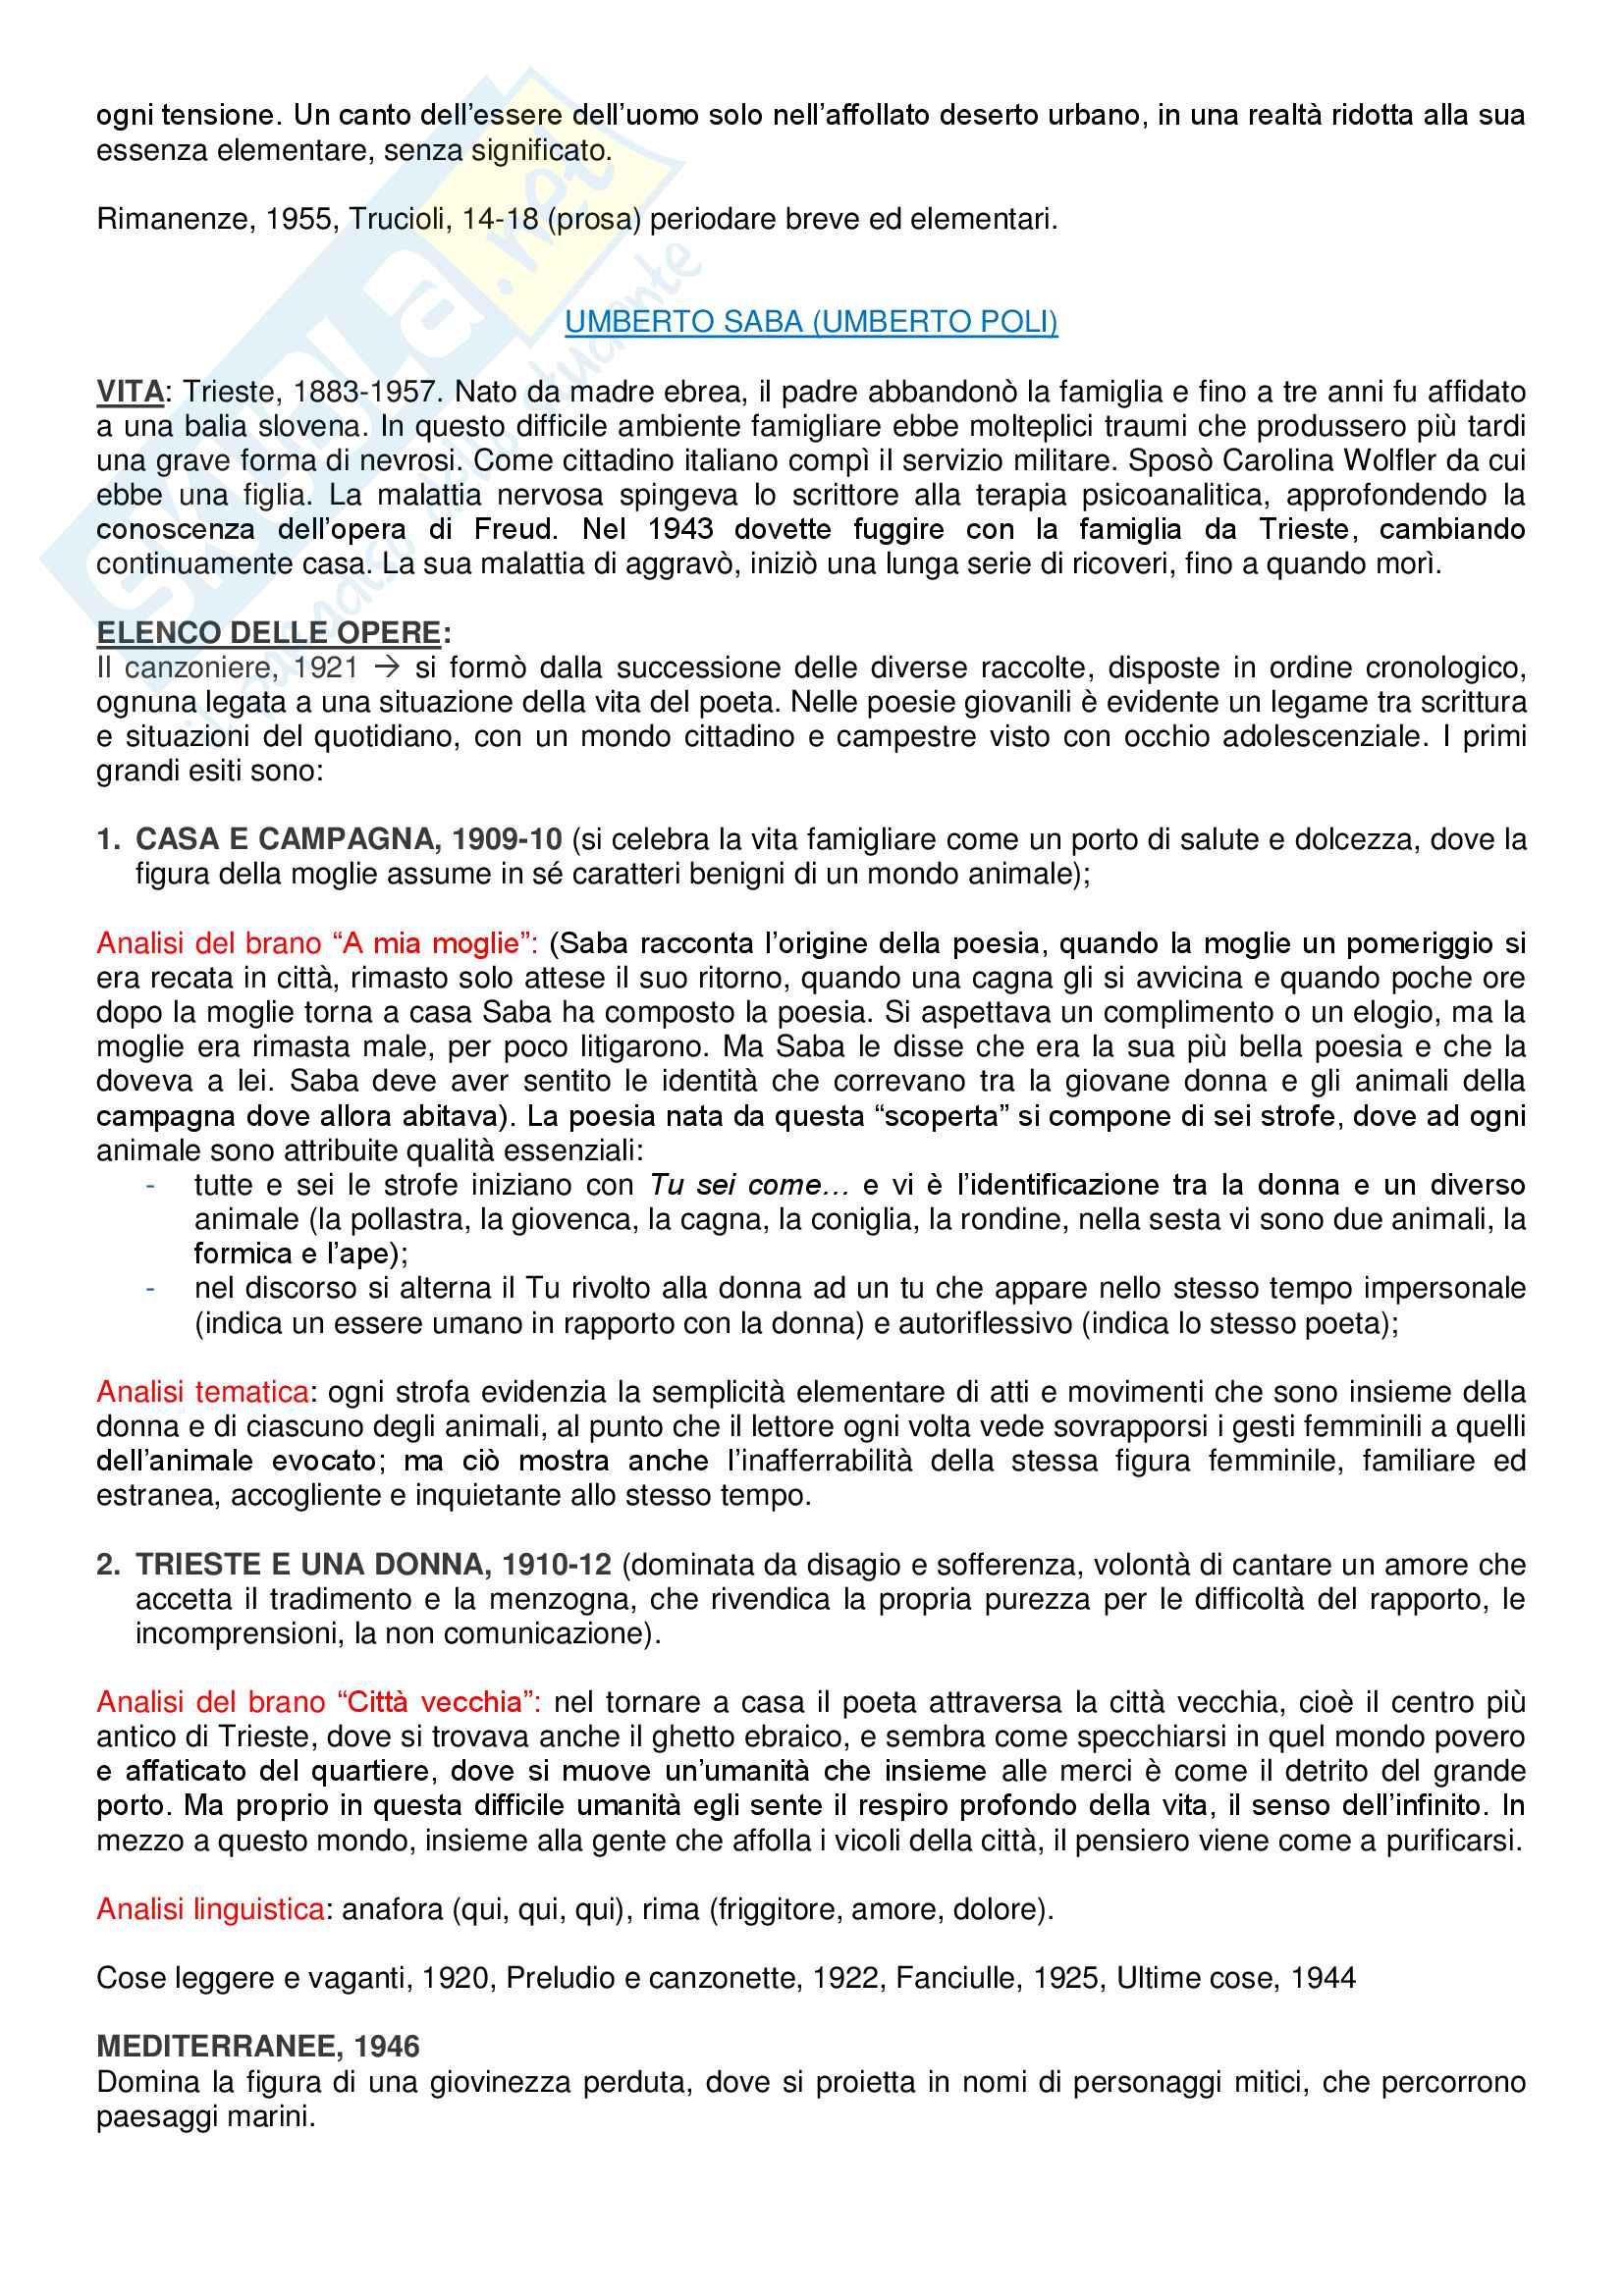 Riassunto esame Lingua e Letteratura Italiana, prof. Zangrandi, libro consigliato Storia della letteratura italiana (1910-1945), Giulio Ferroni Pag. 11